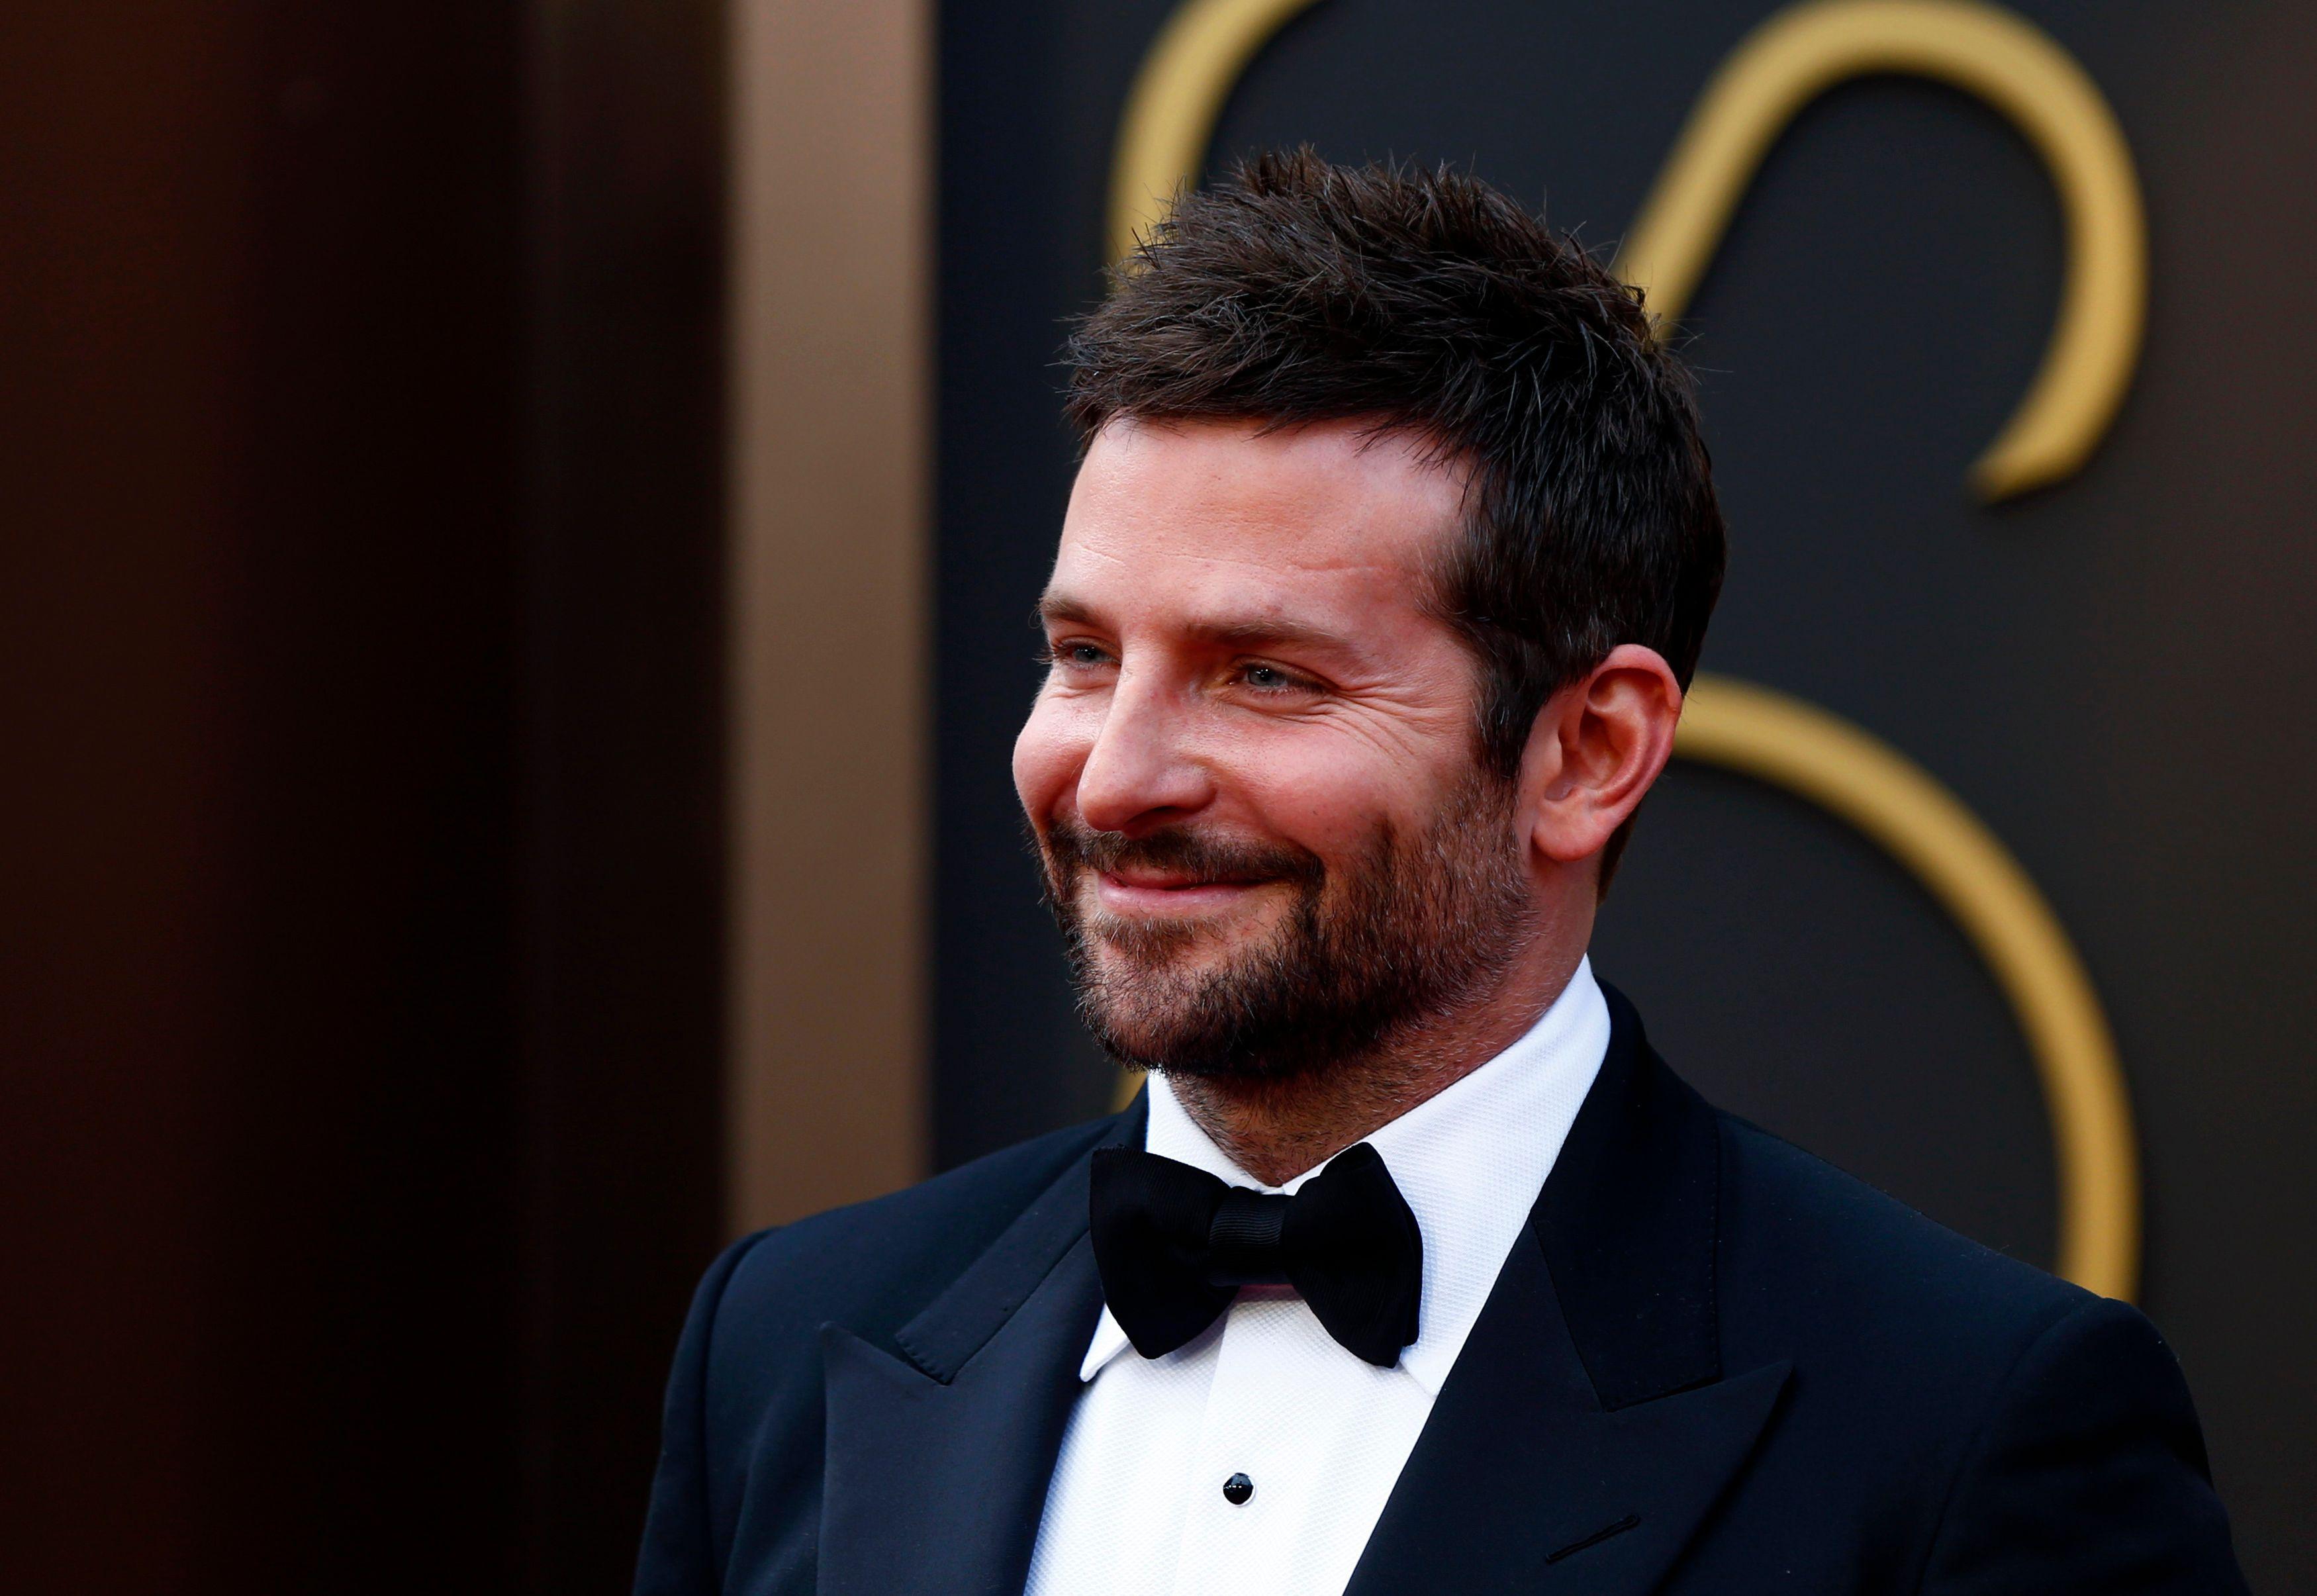 L'improbable prénom (très français) de la fille de Bradley Cooper et Irina Shayk